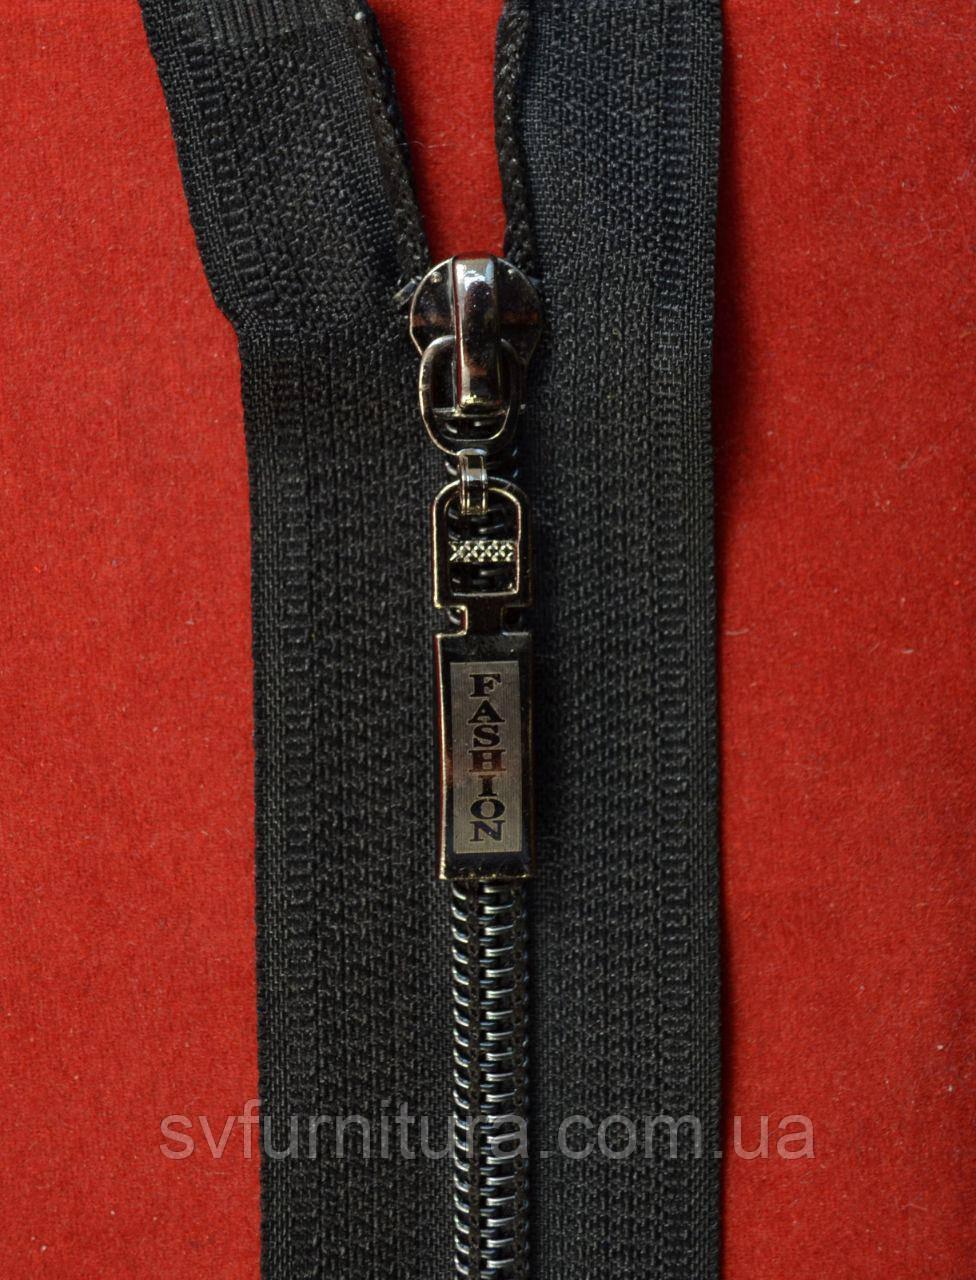 Блискавка спіраль 5 антик Fashion нікель 322 80см